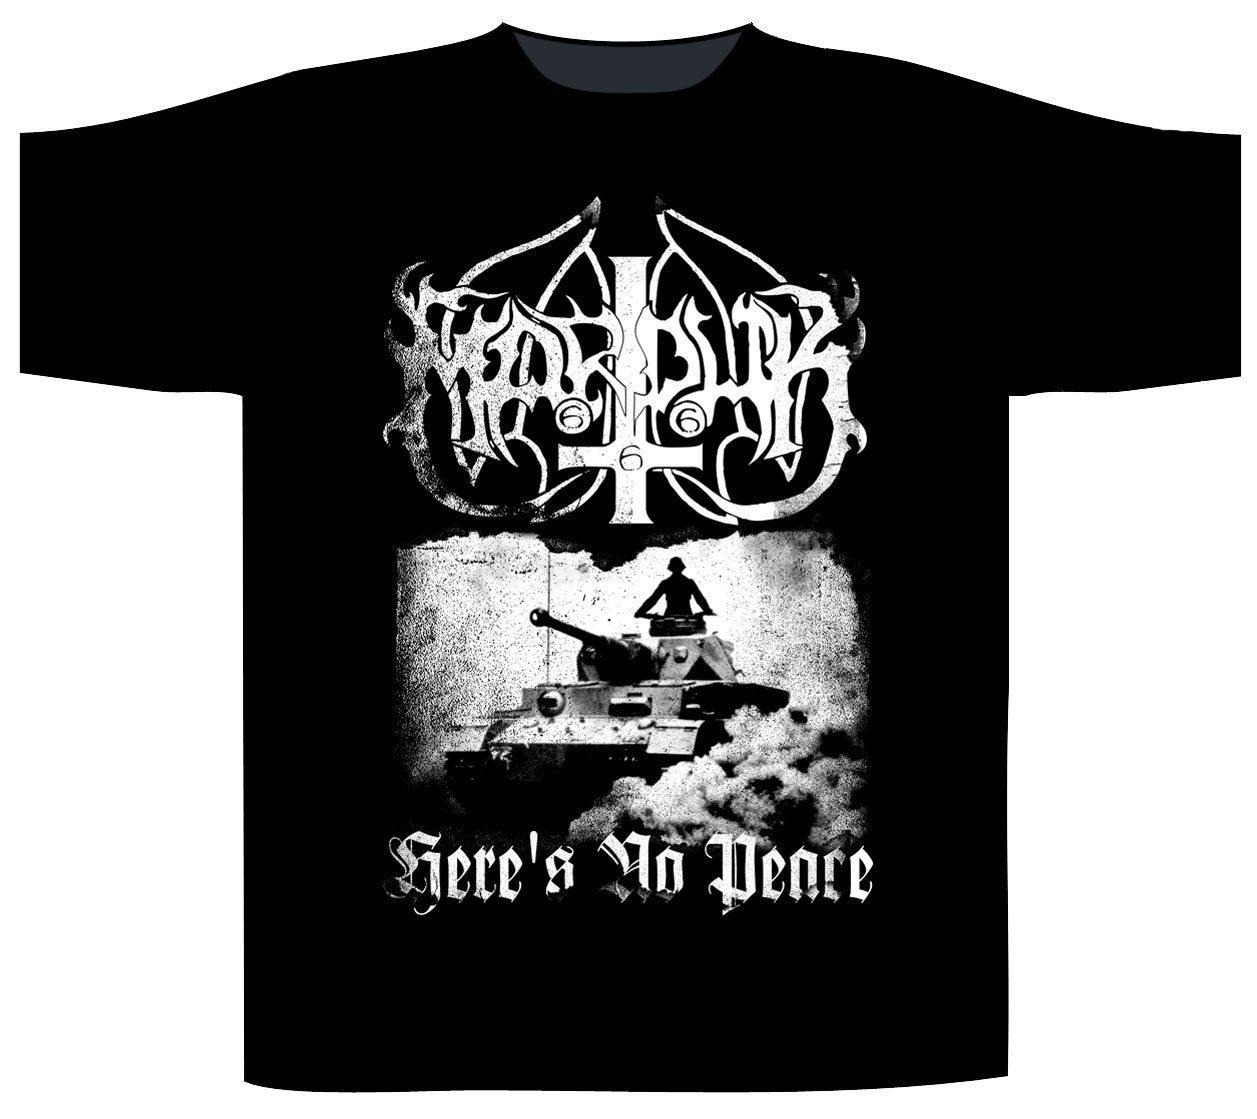 Marduk Shortsleeve T-Shirt Here's No Peace